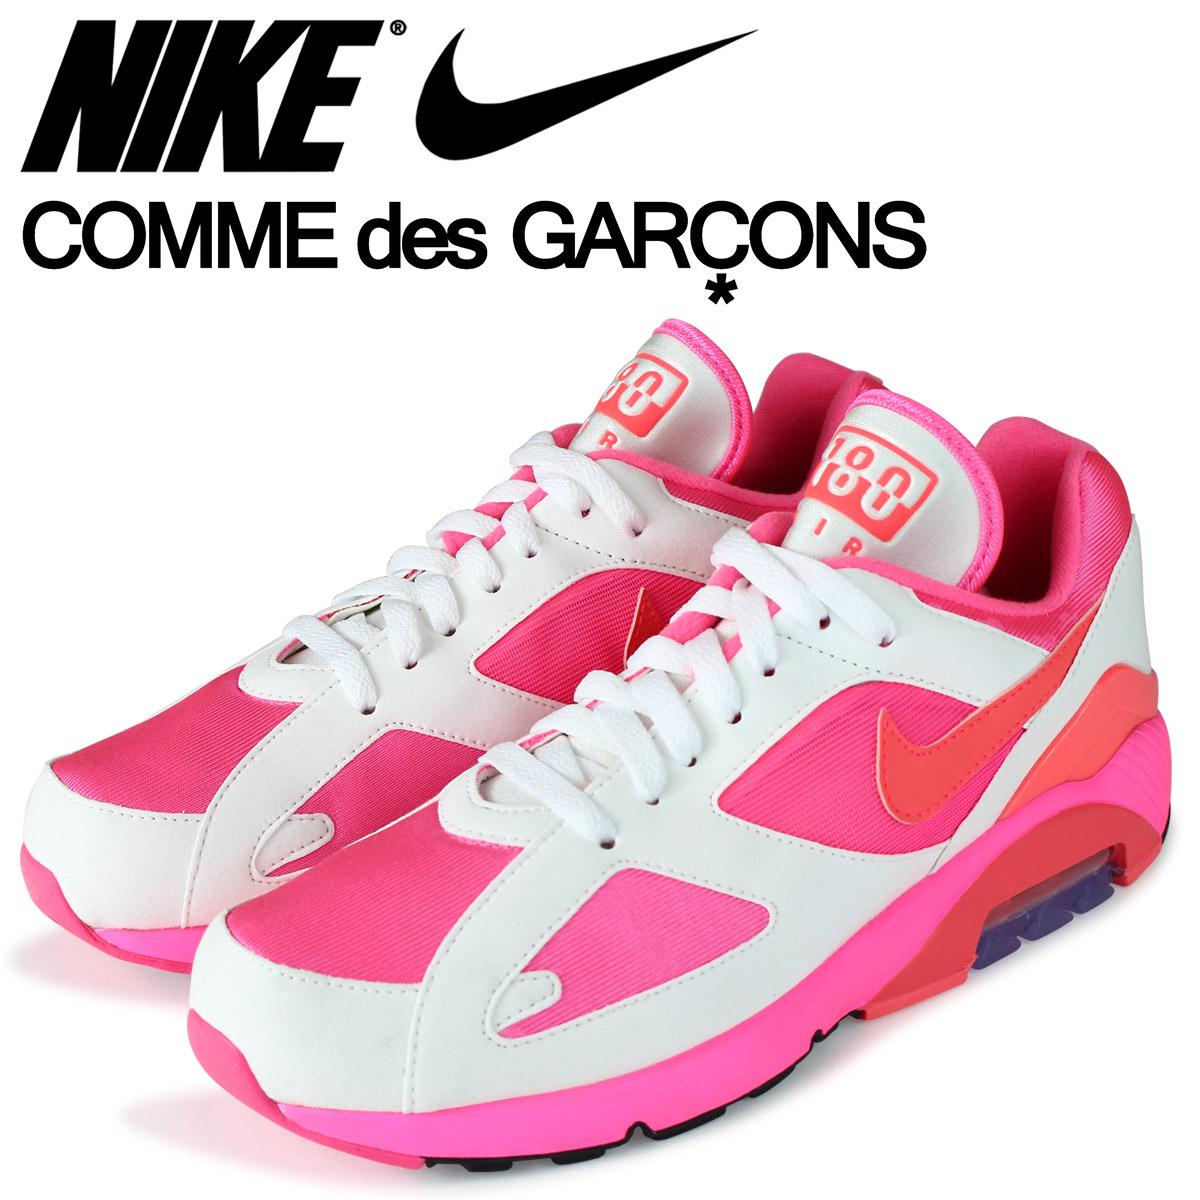 plutôt sympa 866f9 87198 NIKE ナイキコムデギャルソンエアマックス 180 sneakers men COMME des GARCONS HOMME PLUS AIR  MAX 180 CDG AO4641-600 pink